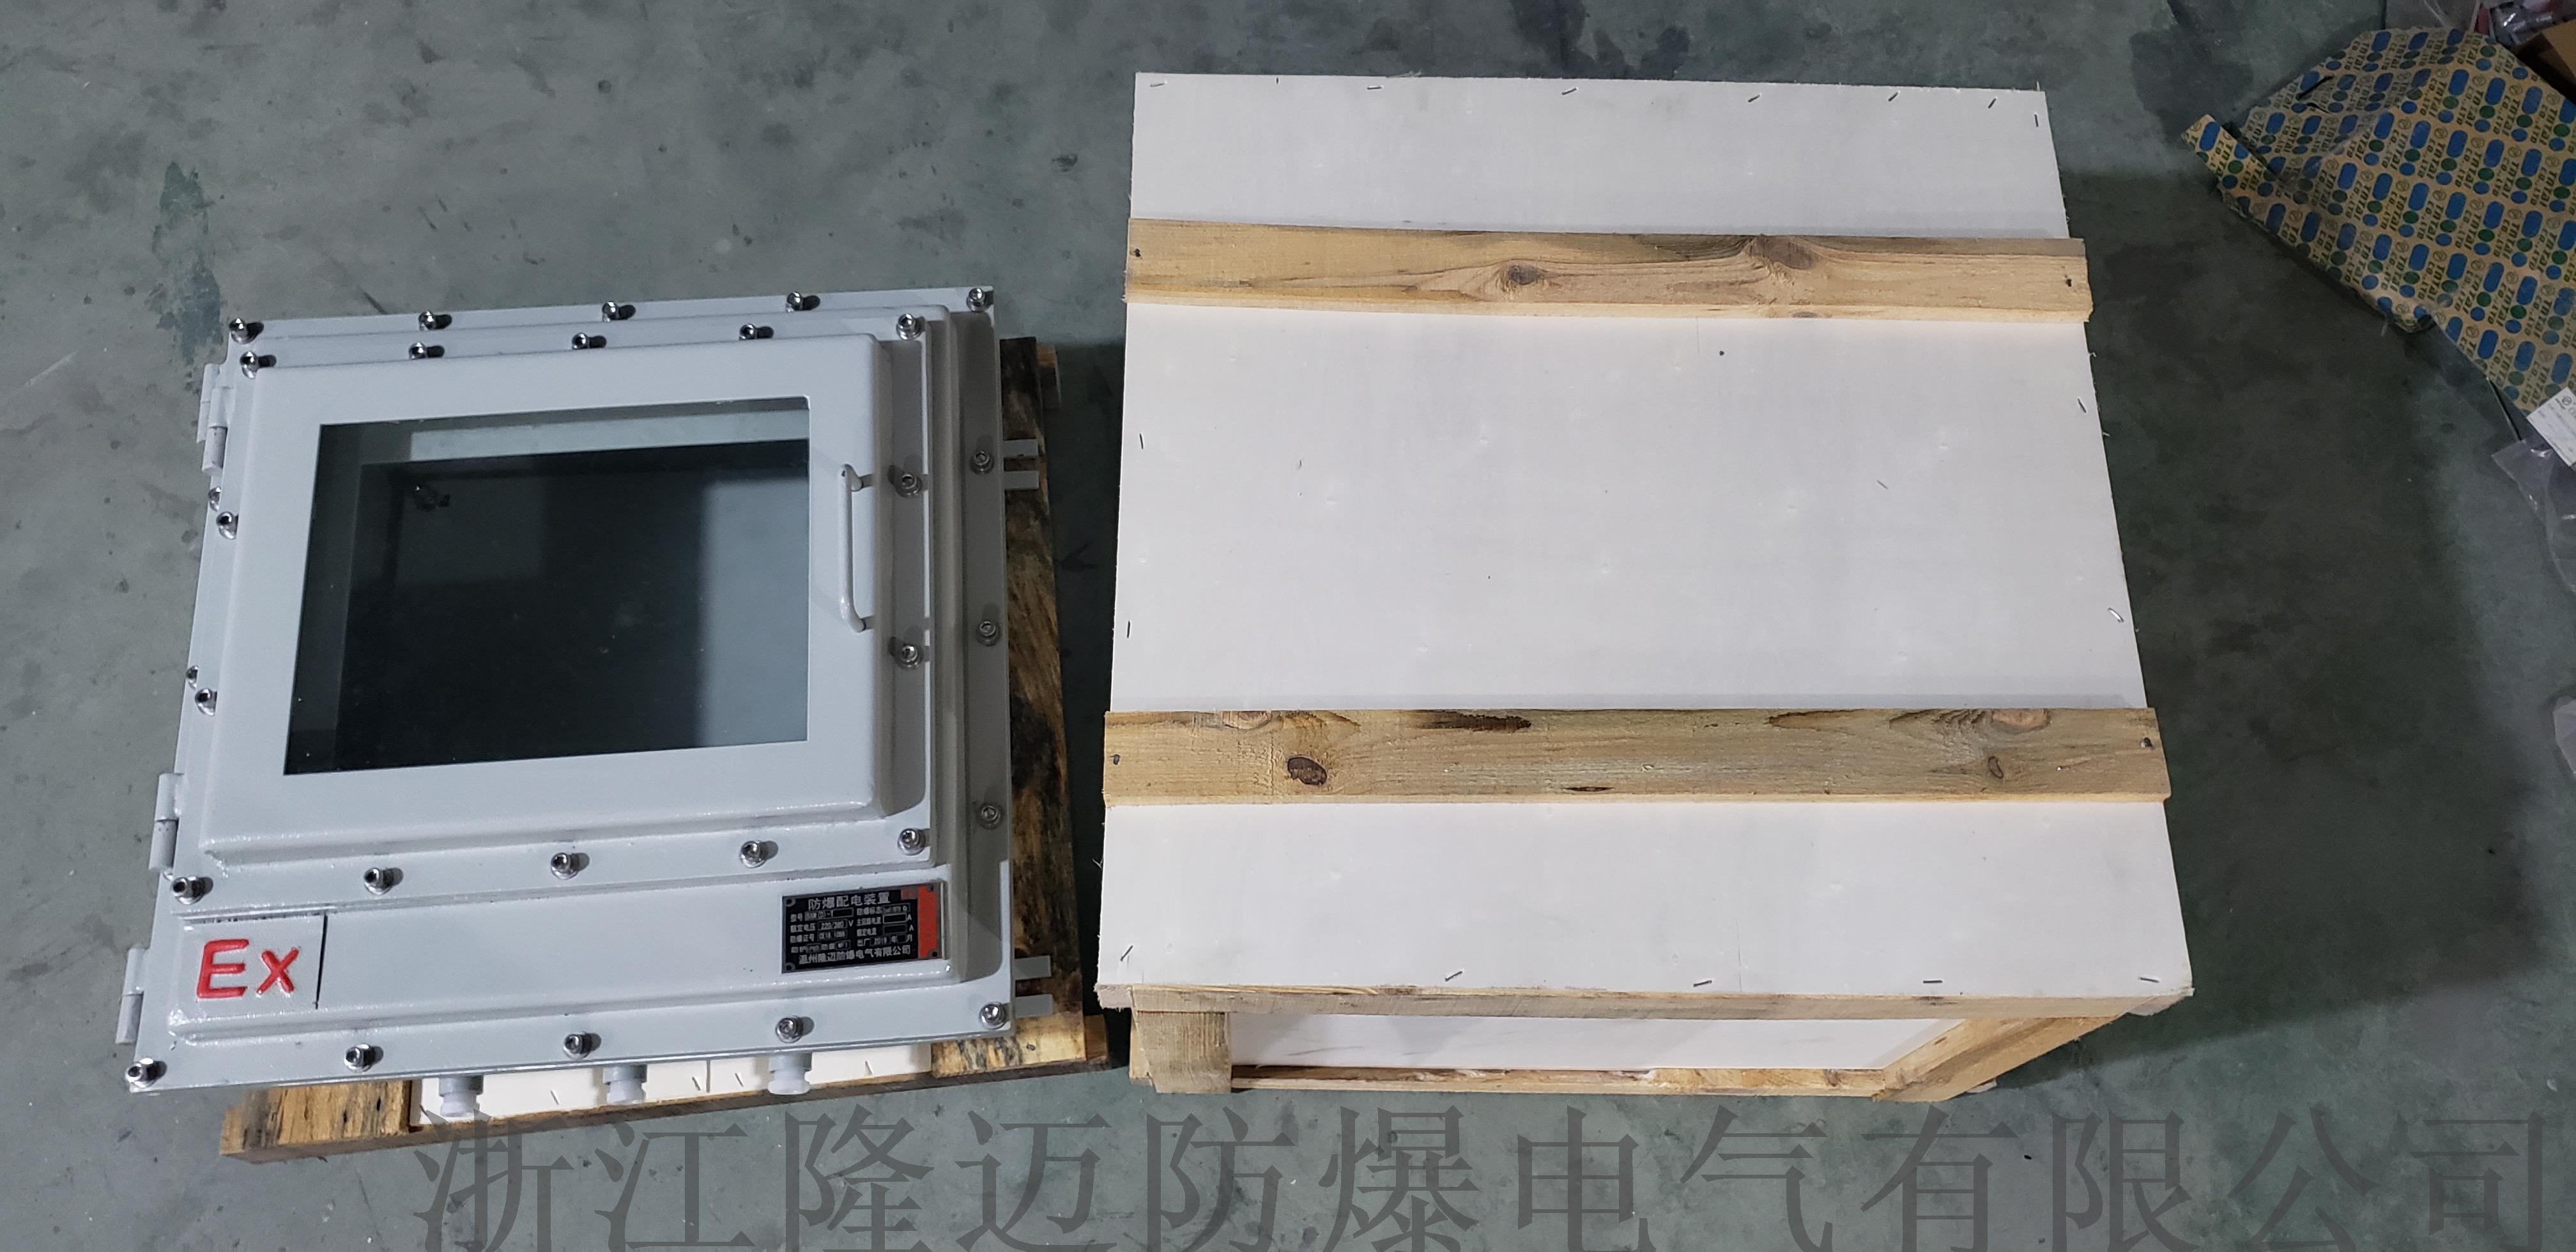 防爆LED数显仪表箱不锈钢定做154106845